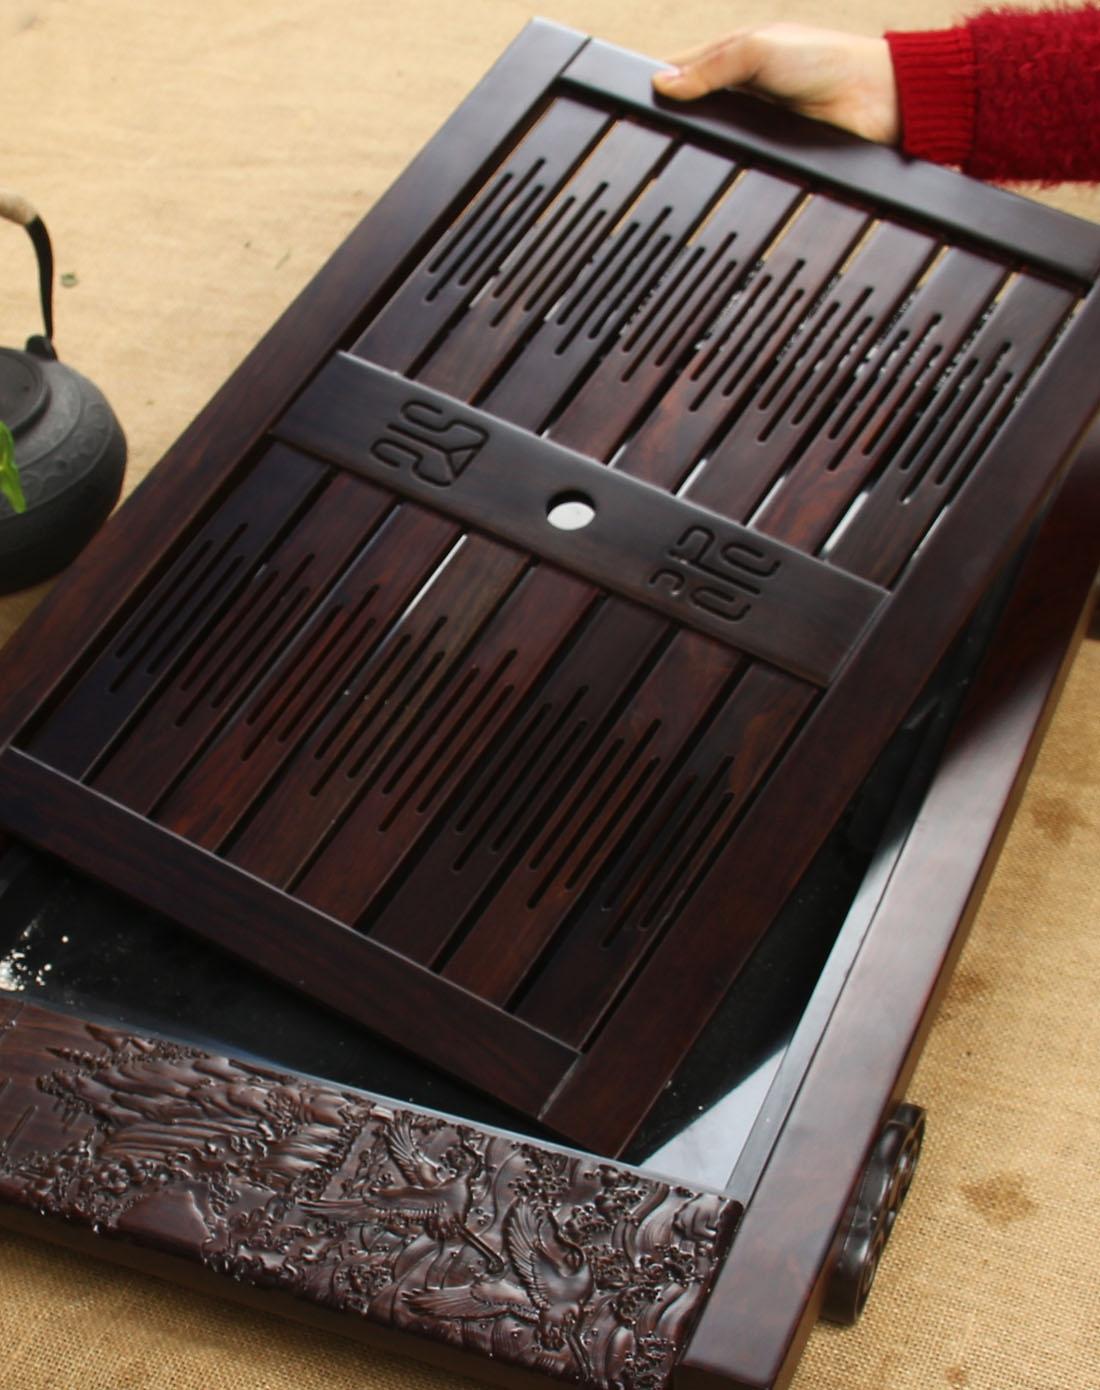 尚帝茶具专场进口黑檀木浮雕雕刻山水茶盘